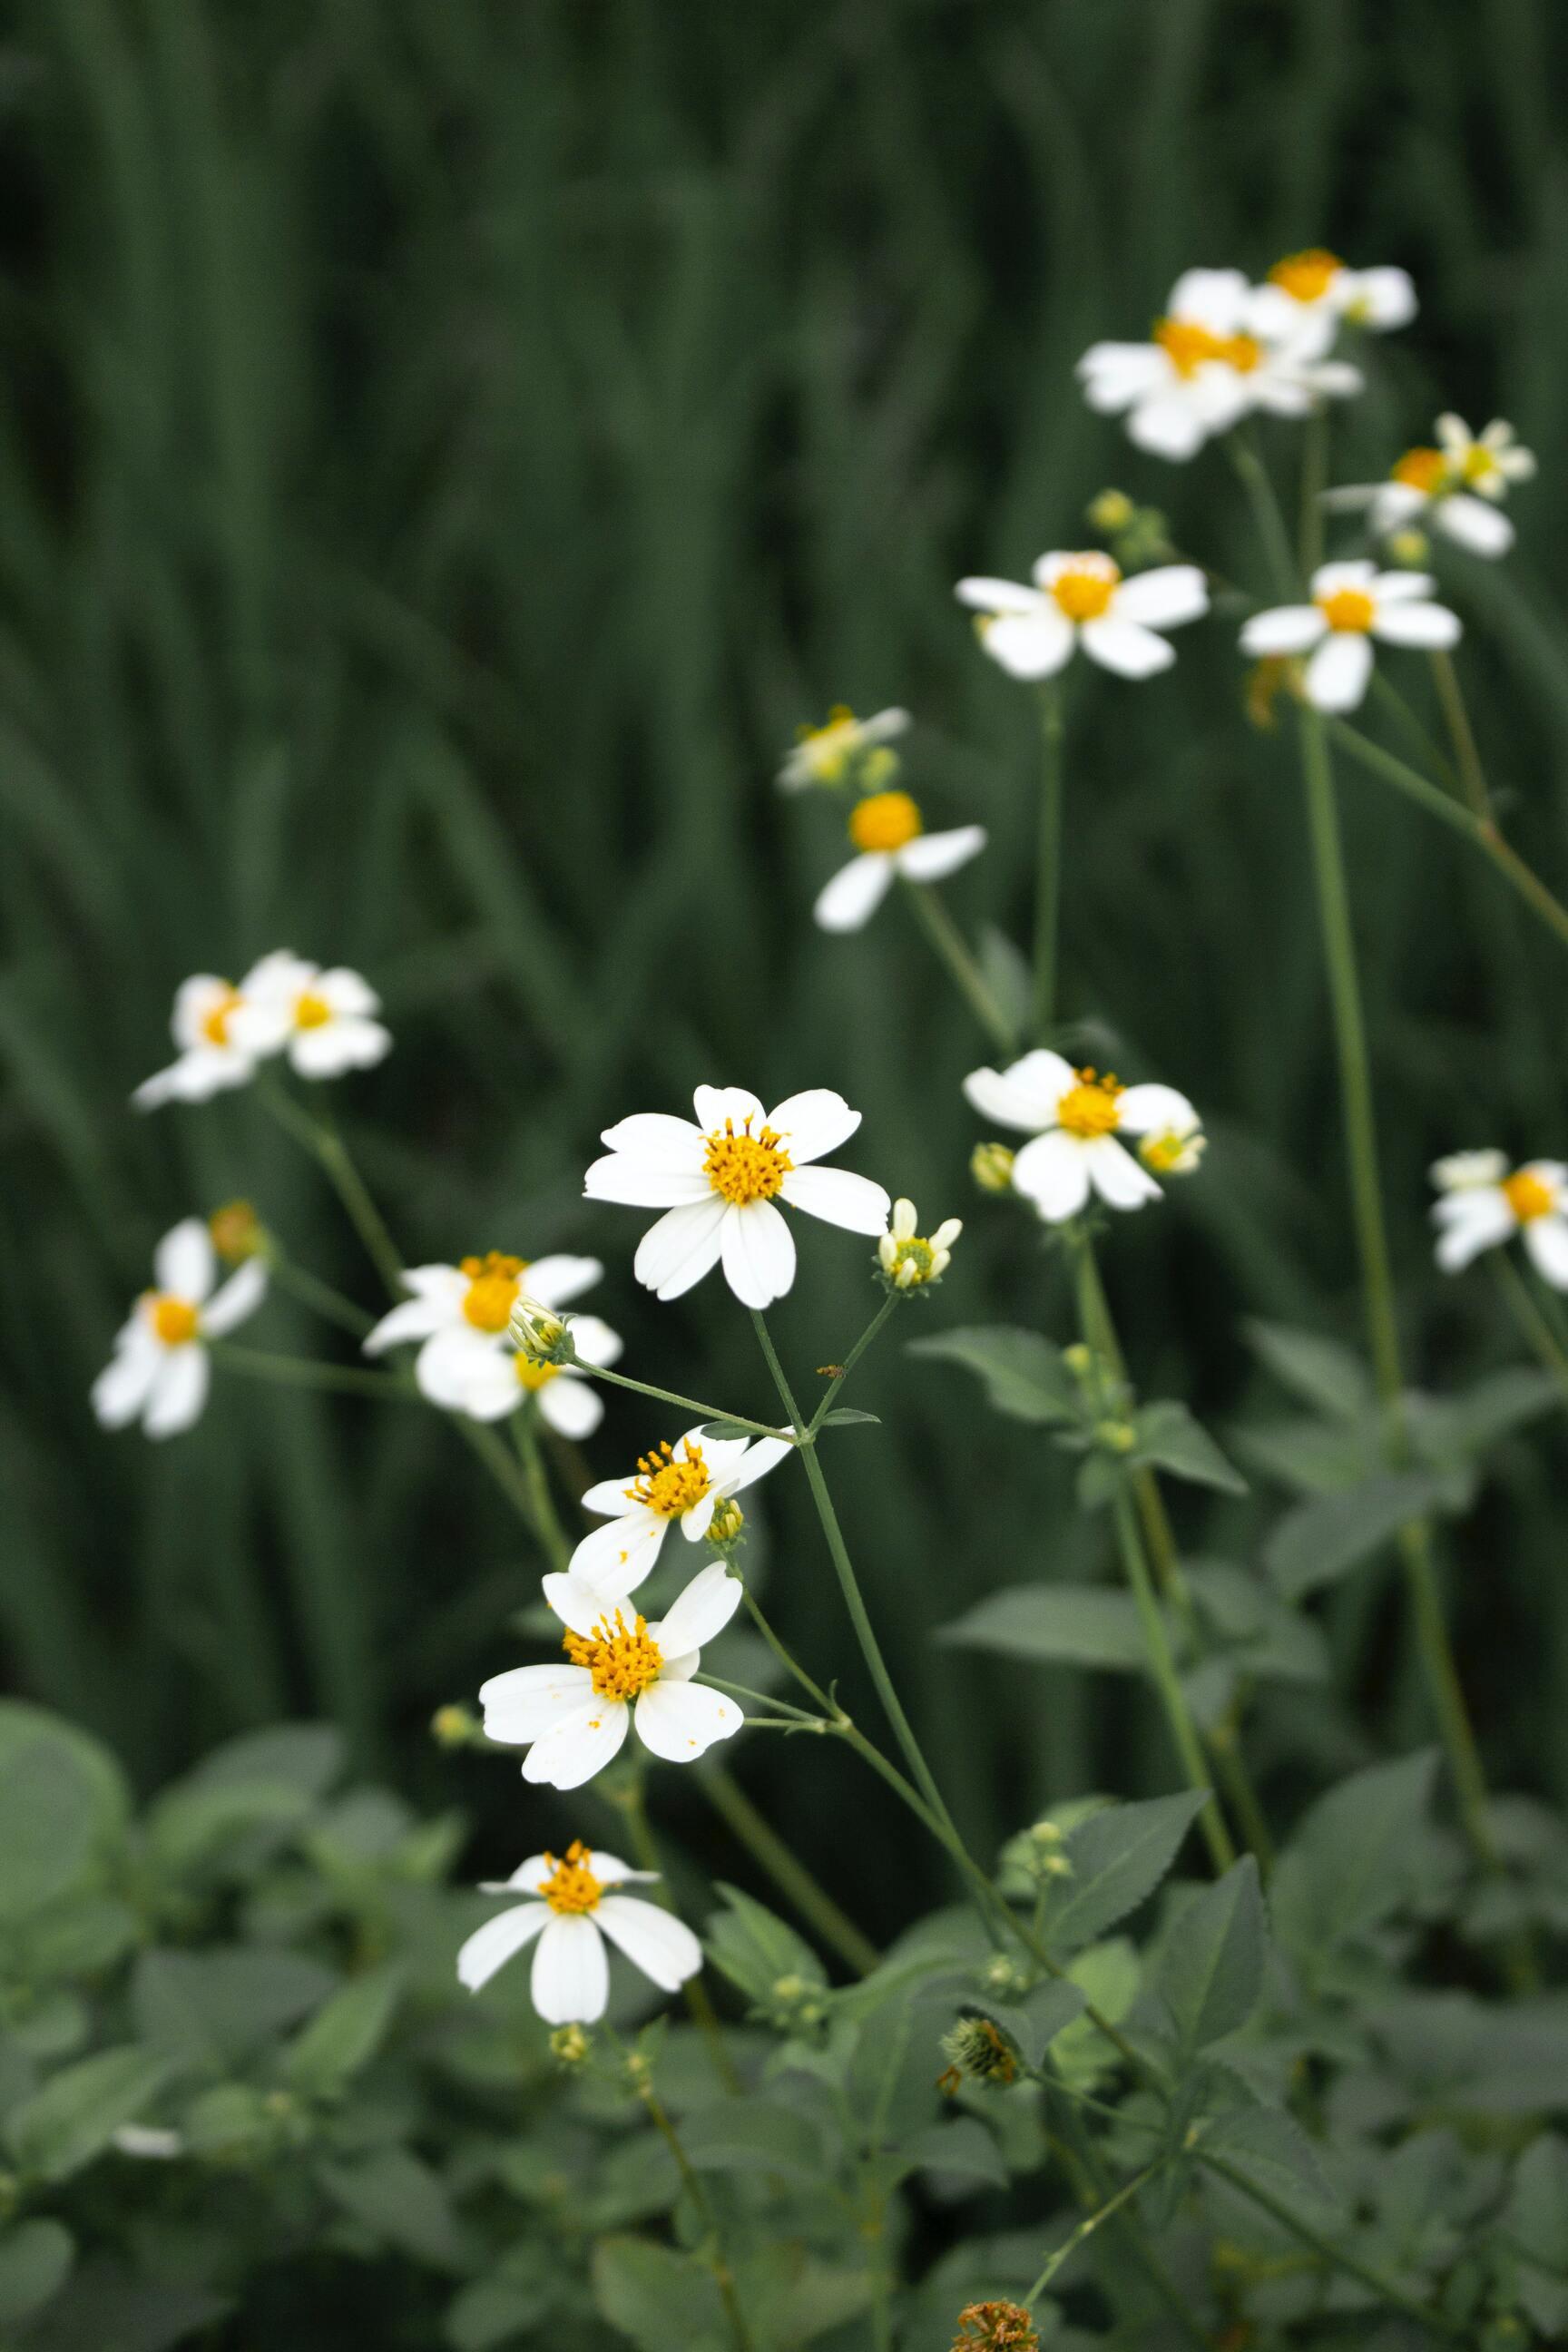 Ảnh hoa cúc mọc dại